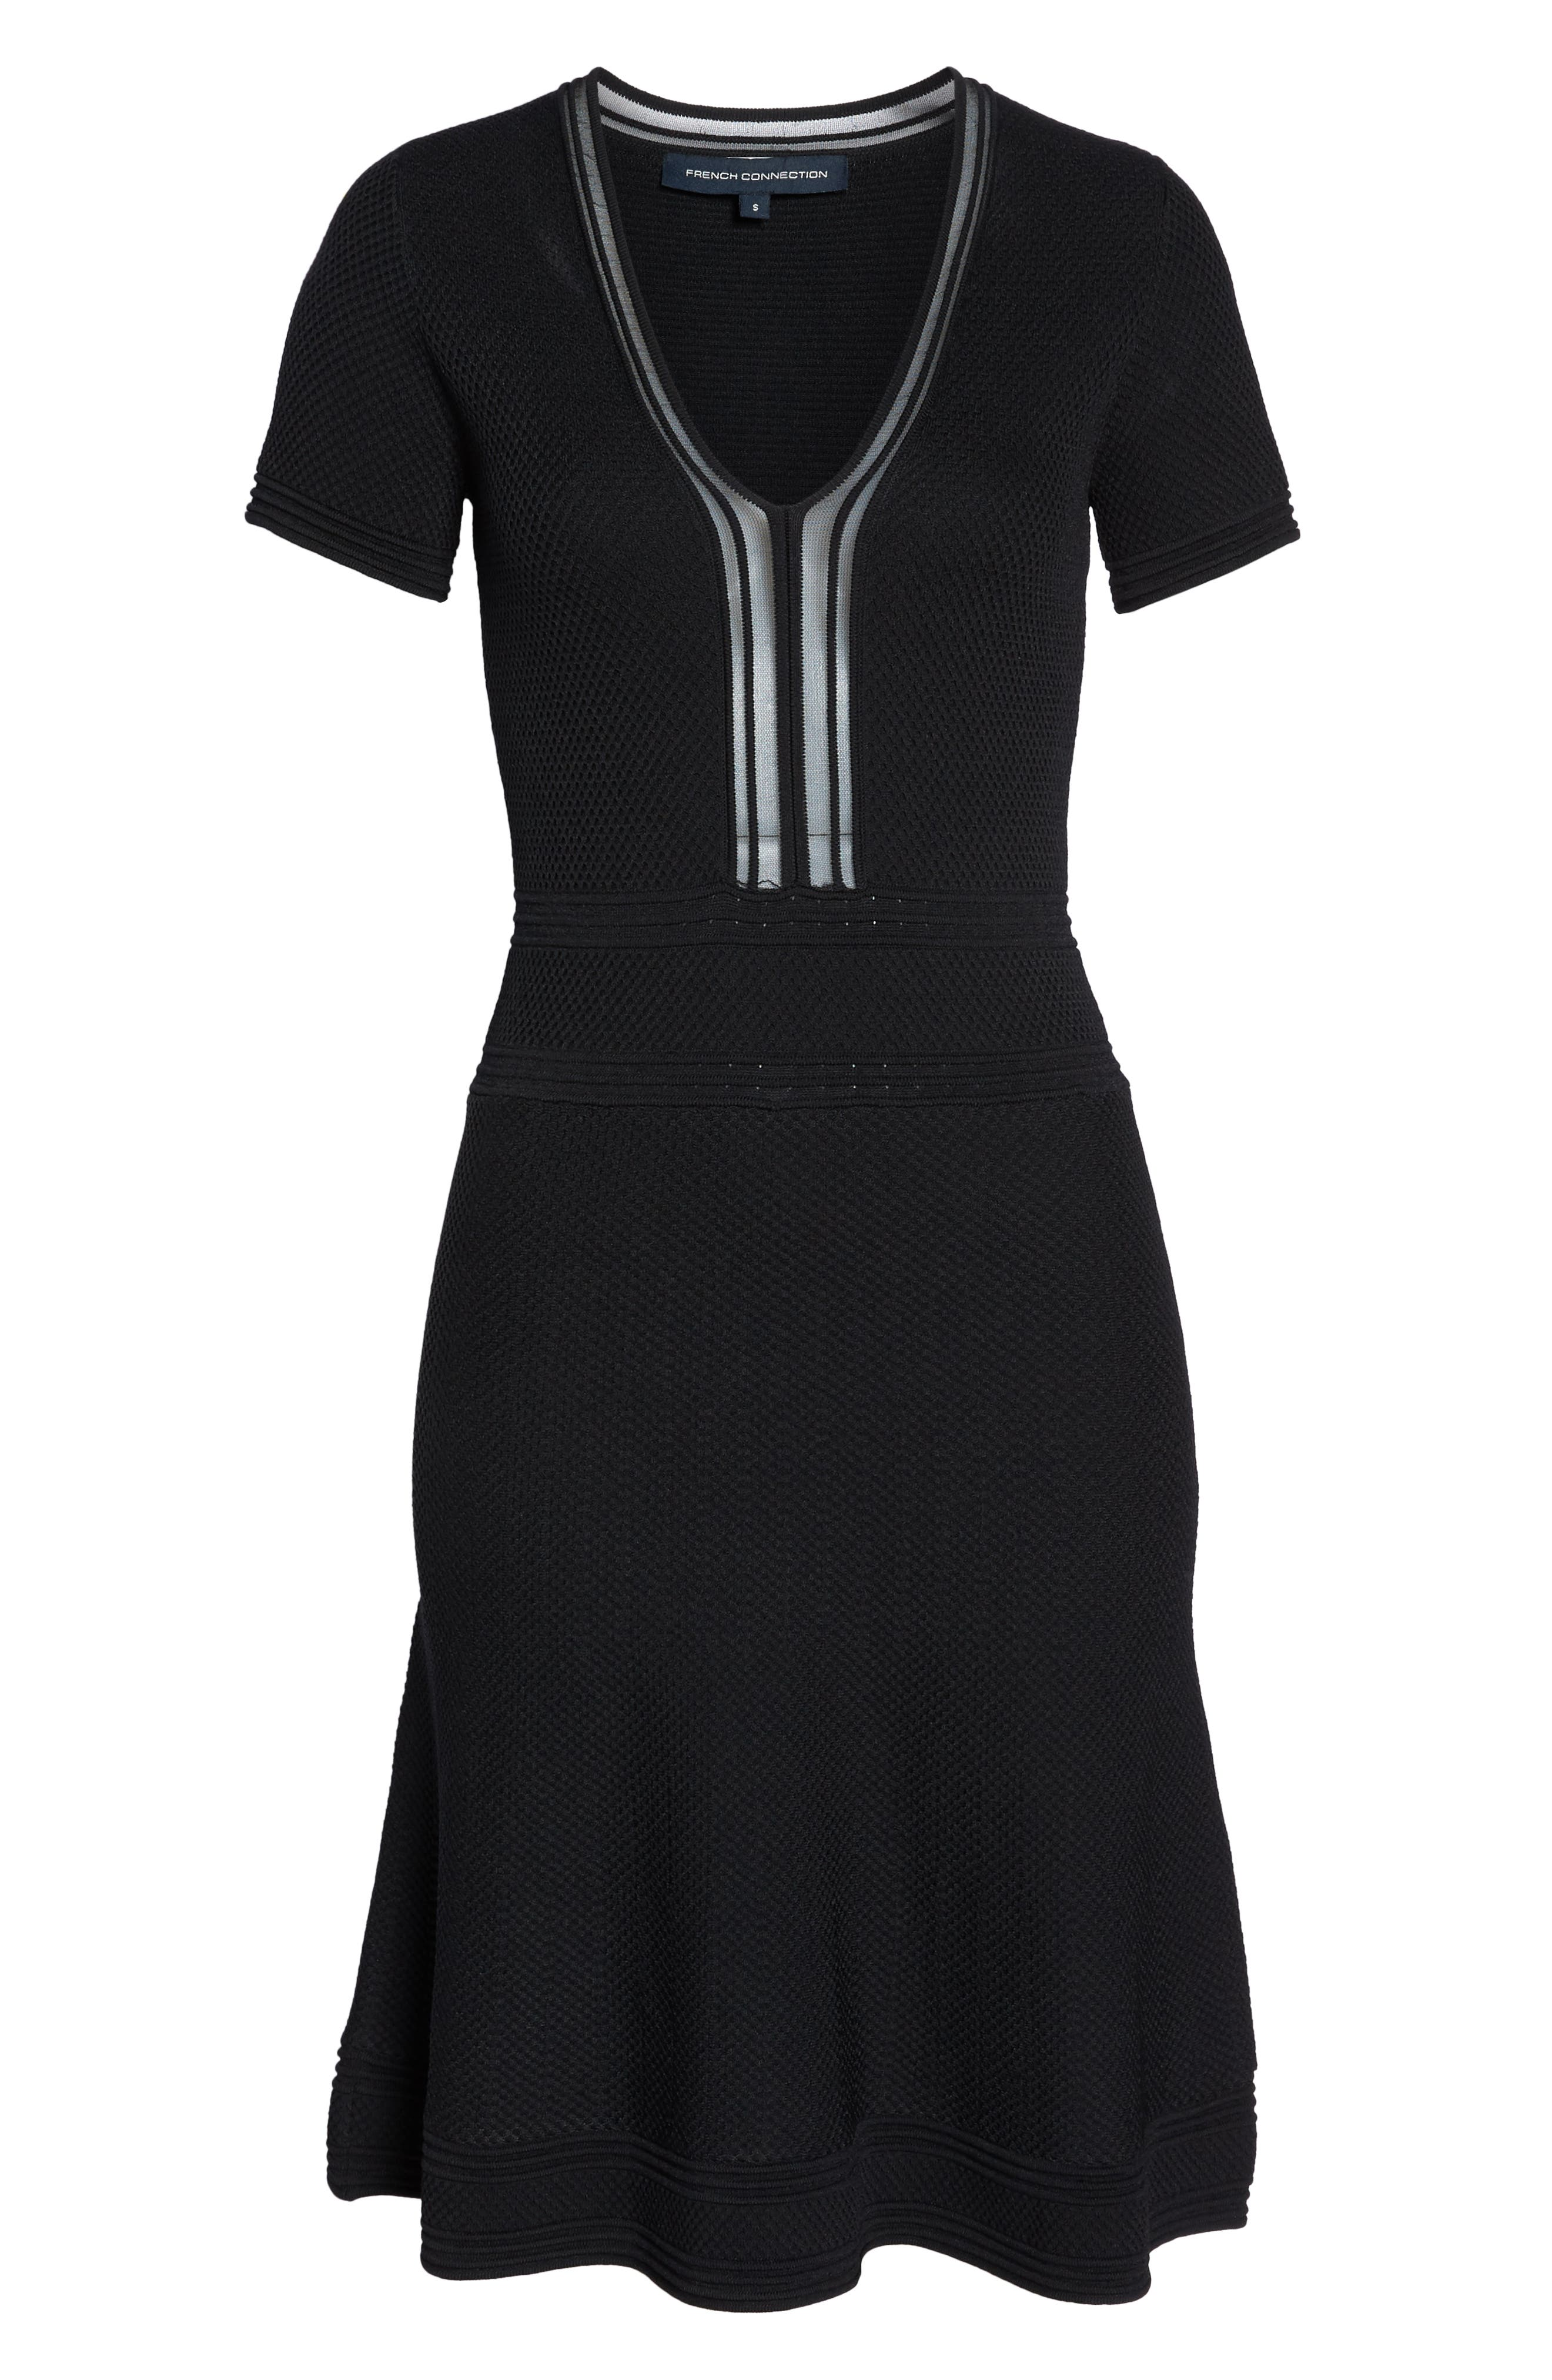 Ellie Knits V-Neck Fit & Flare Dress,                             Alternate thumbnail 7, color,                             BLACK